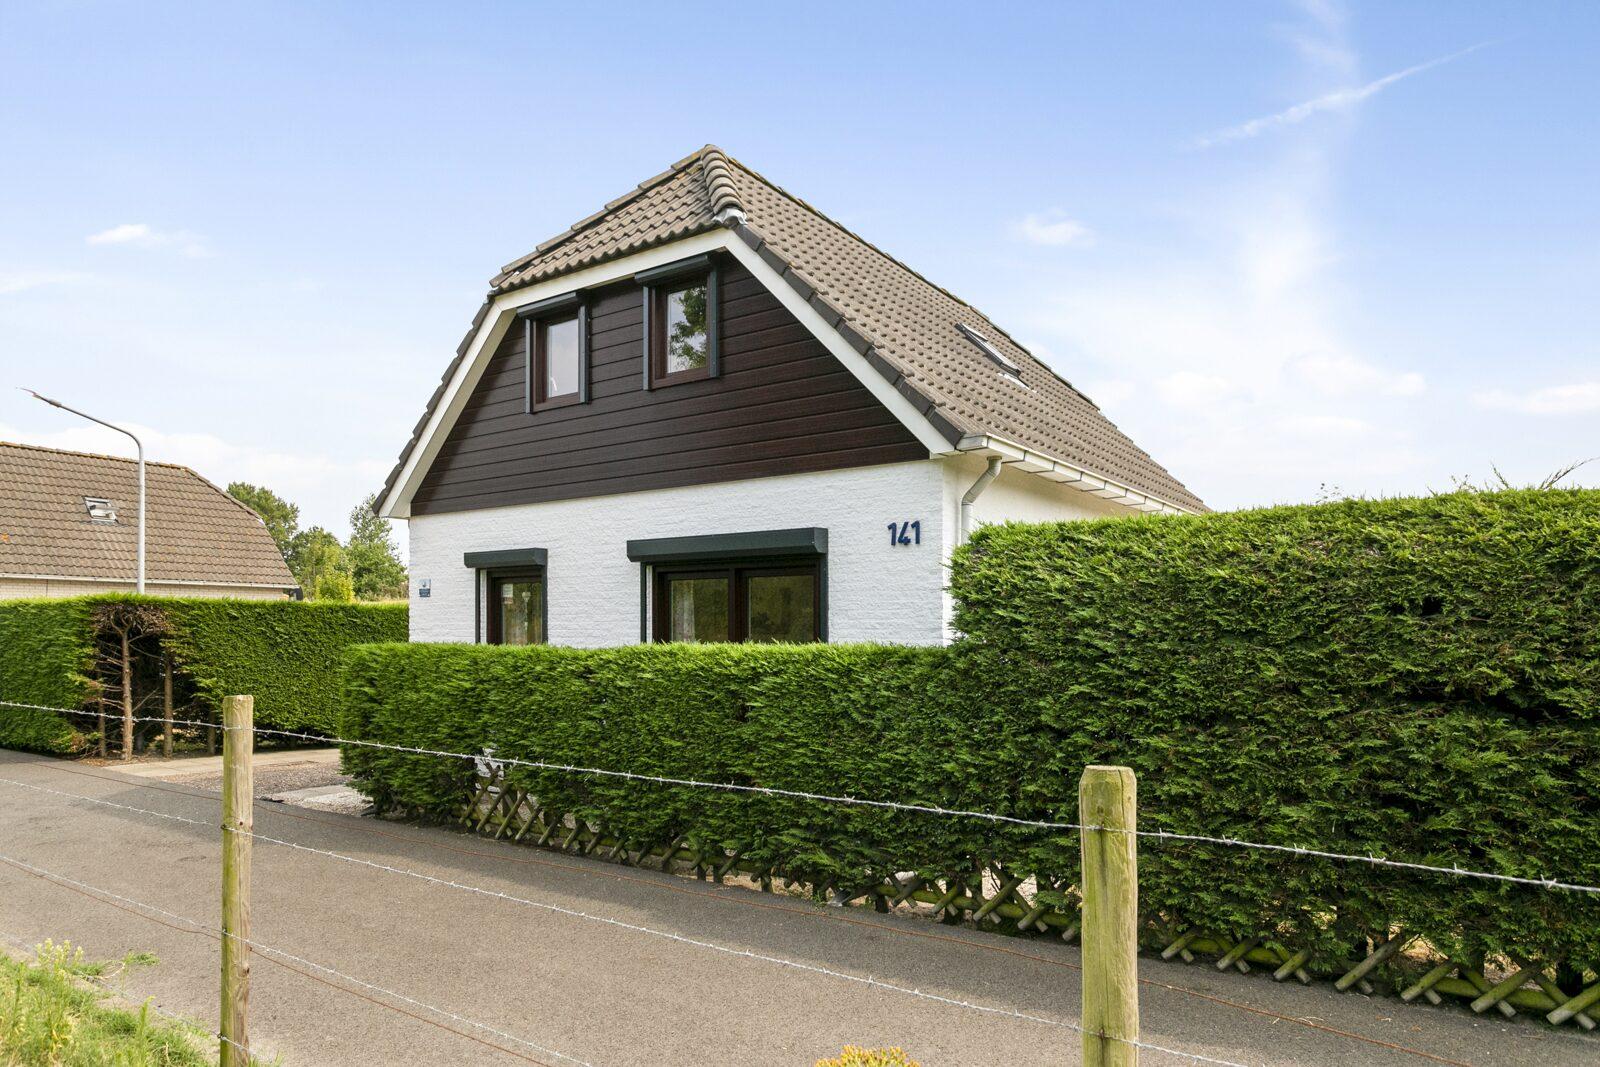 Haringvliet 141 - Noordzeepark Ouddorp